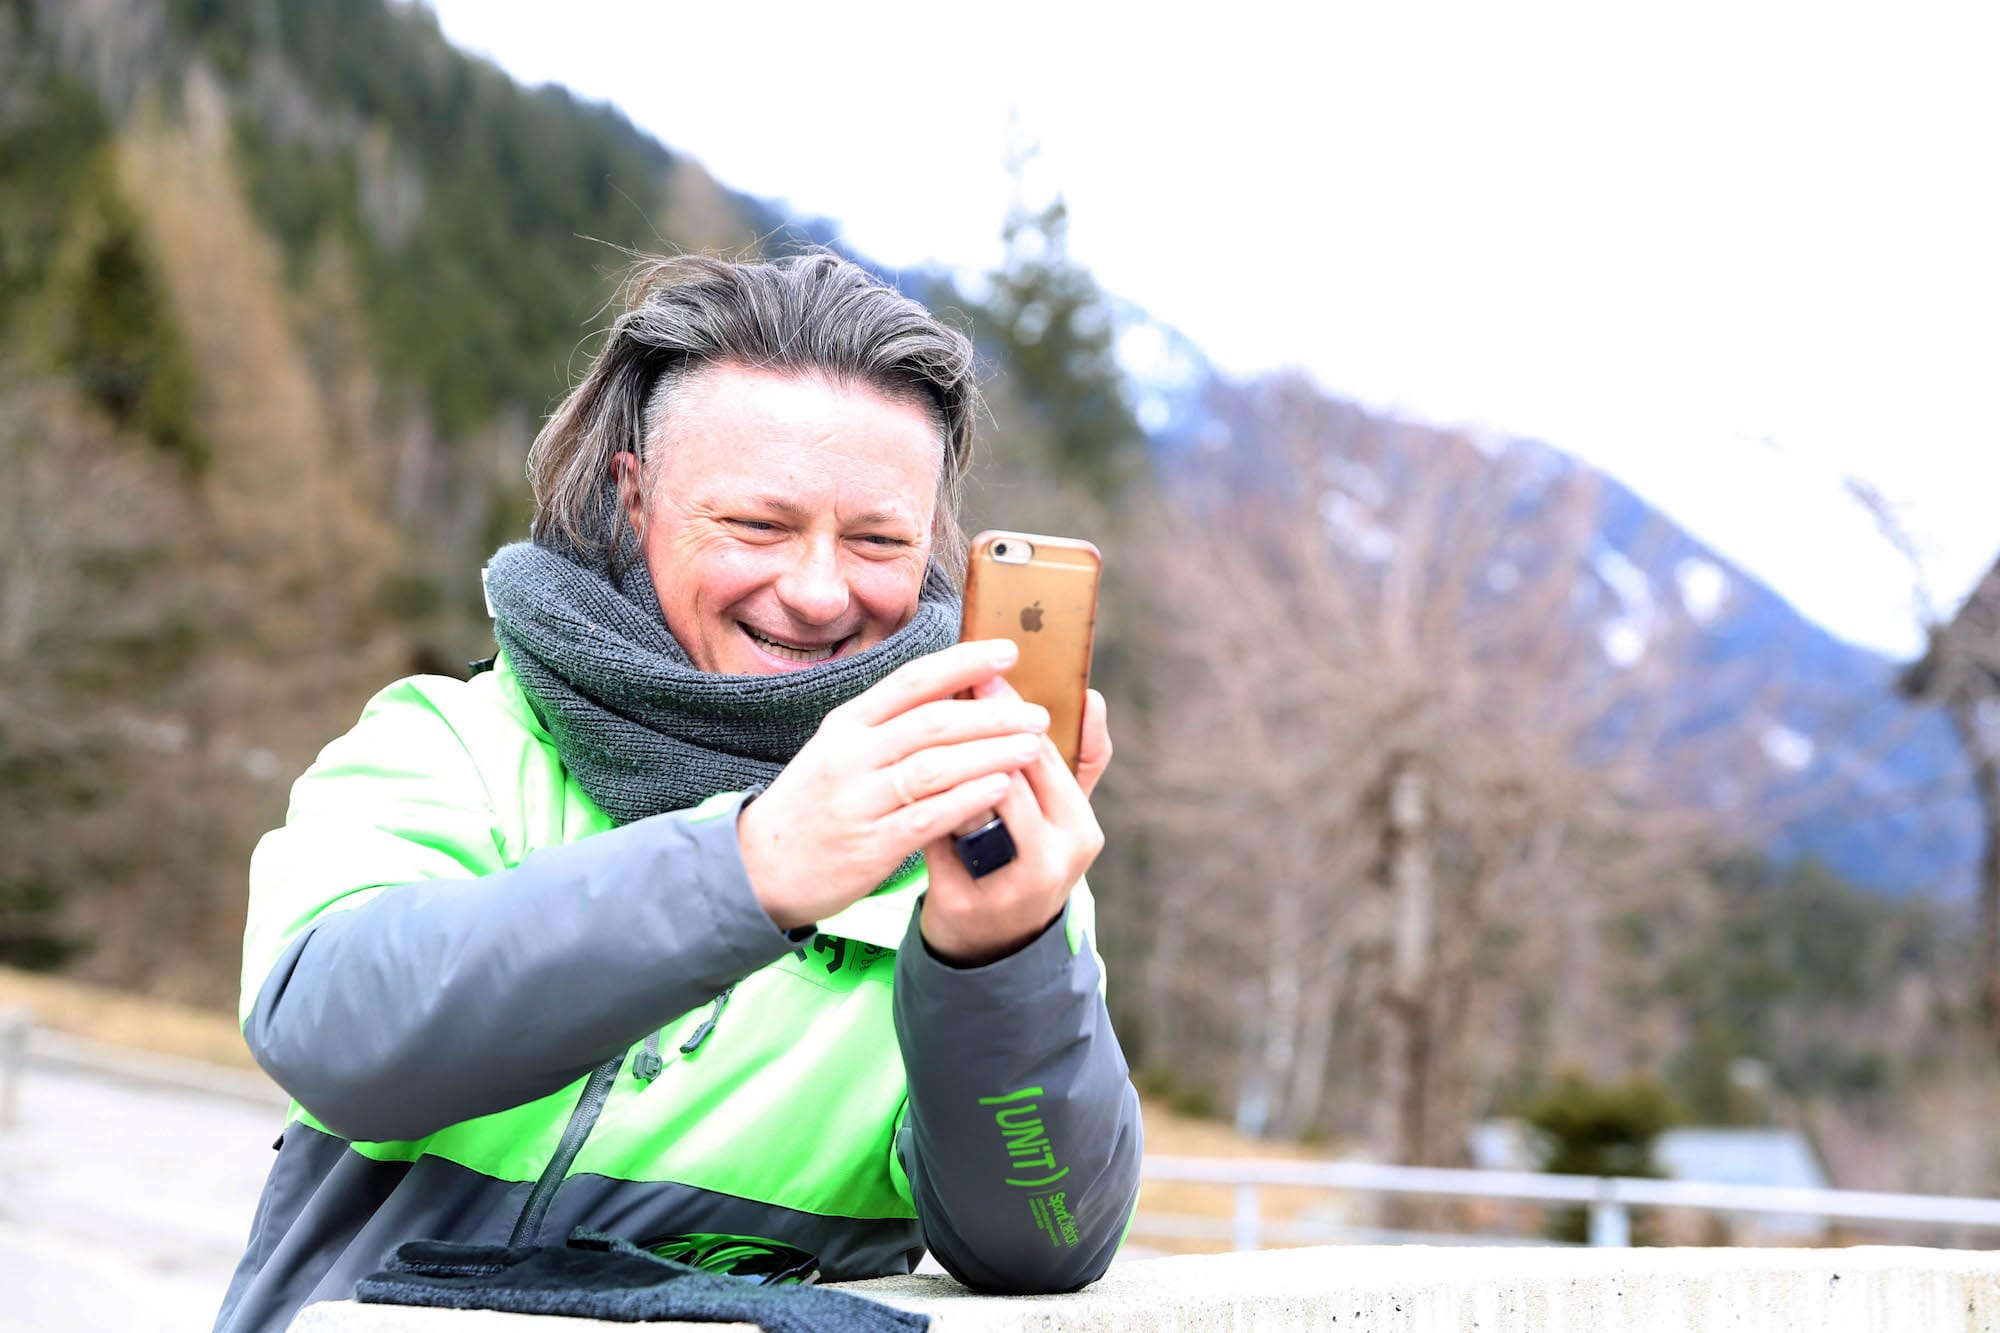 Michal_w_Szwajcarii_prowadzacy_transmisje_z_iphone_2